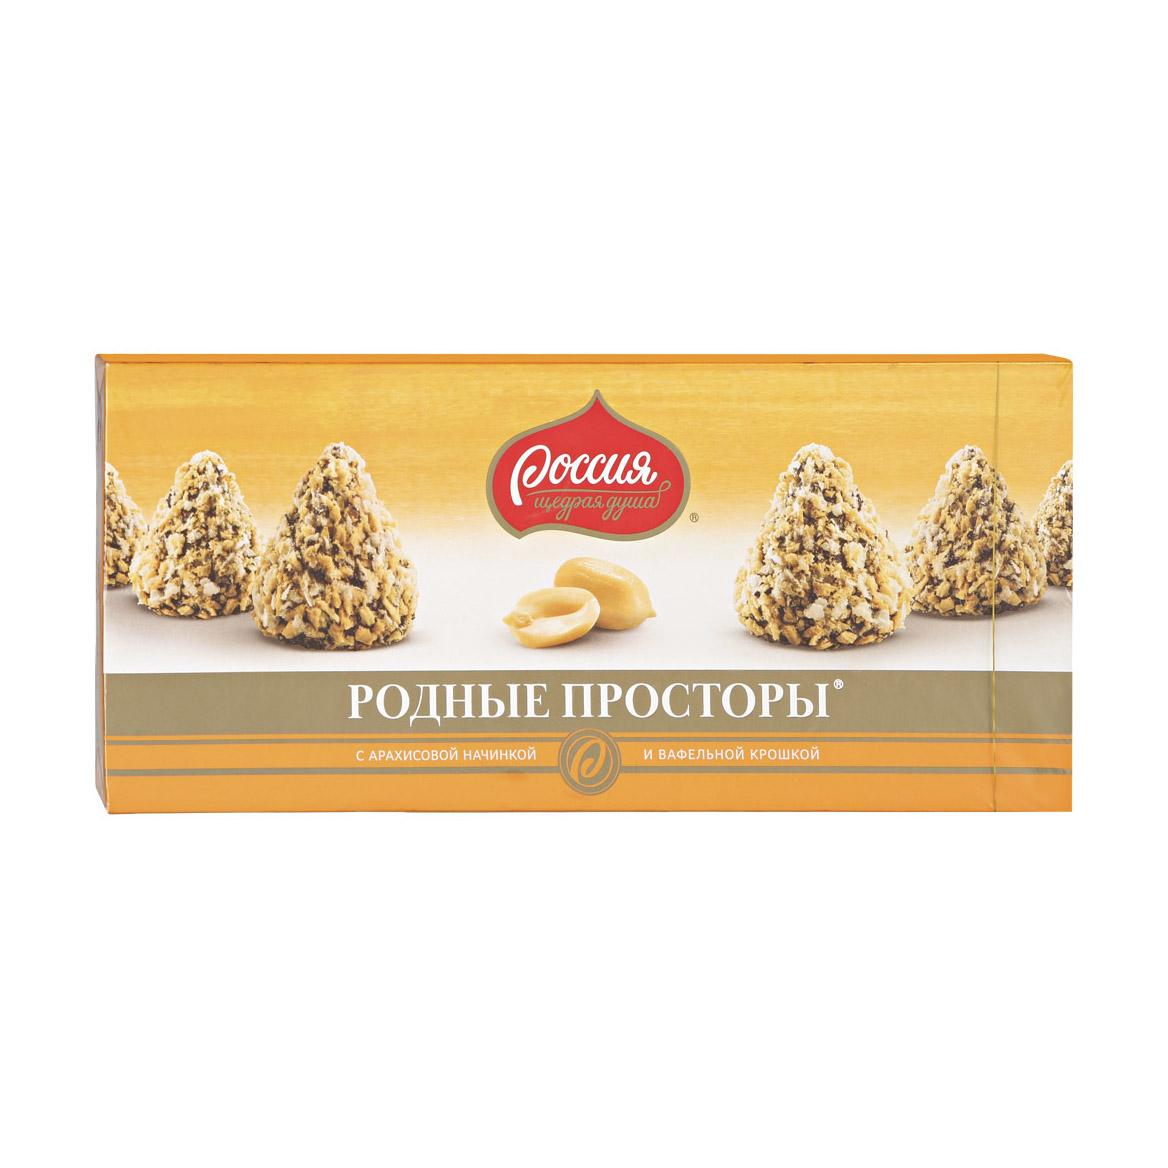 Фото - Конфеты Родные просторы с арахисом и вафельной крошкой 125 г печенье слодыч с арахисом 450 г